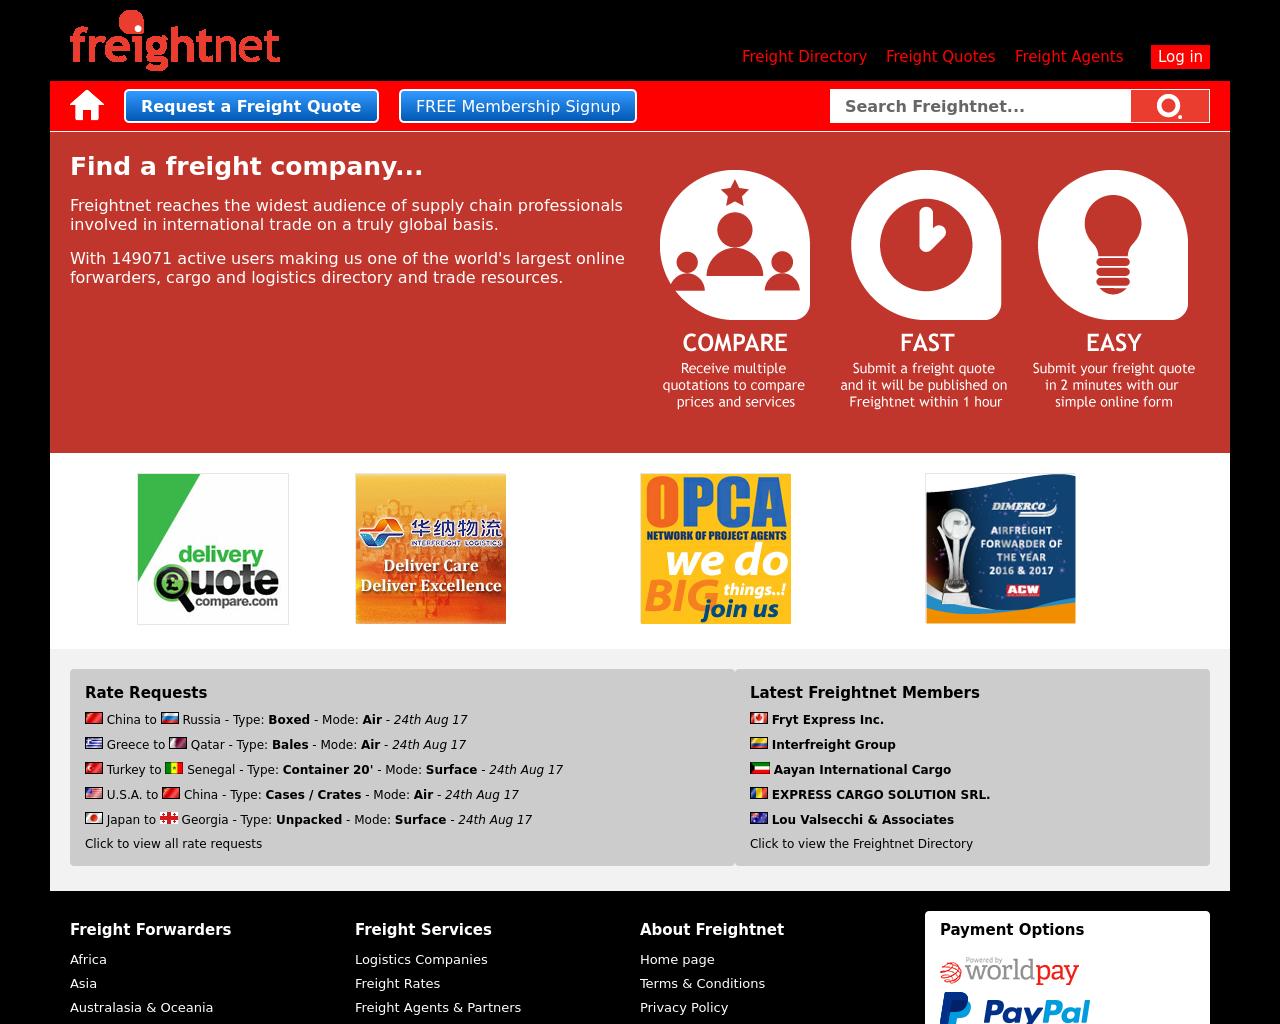 Freightnet-Advertising-Reviews-Pricing